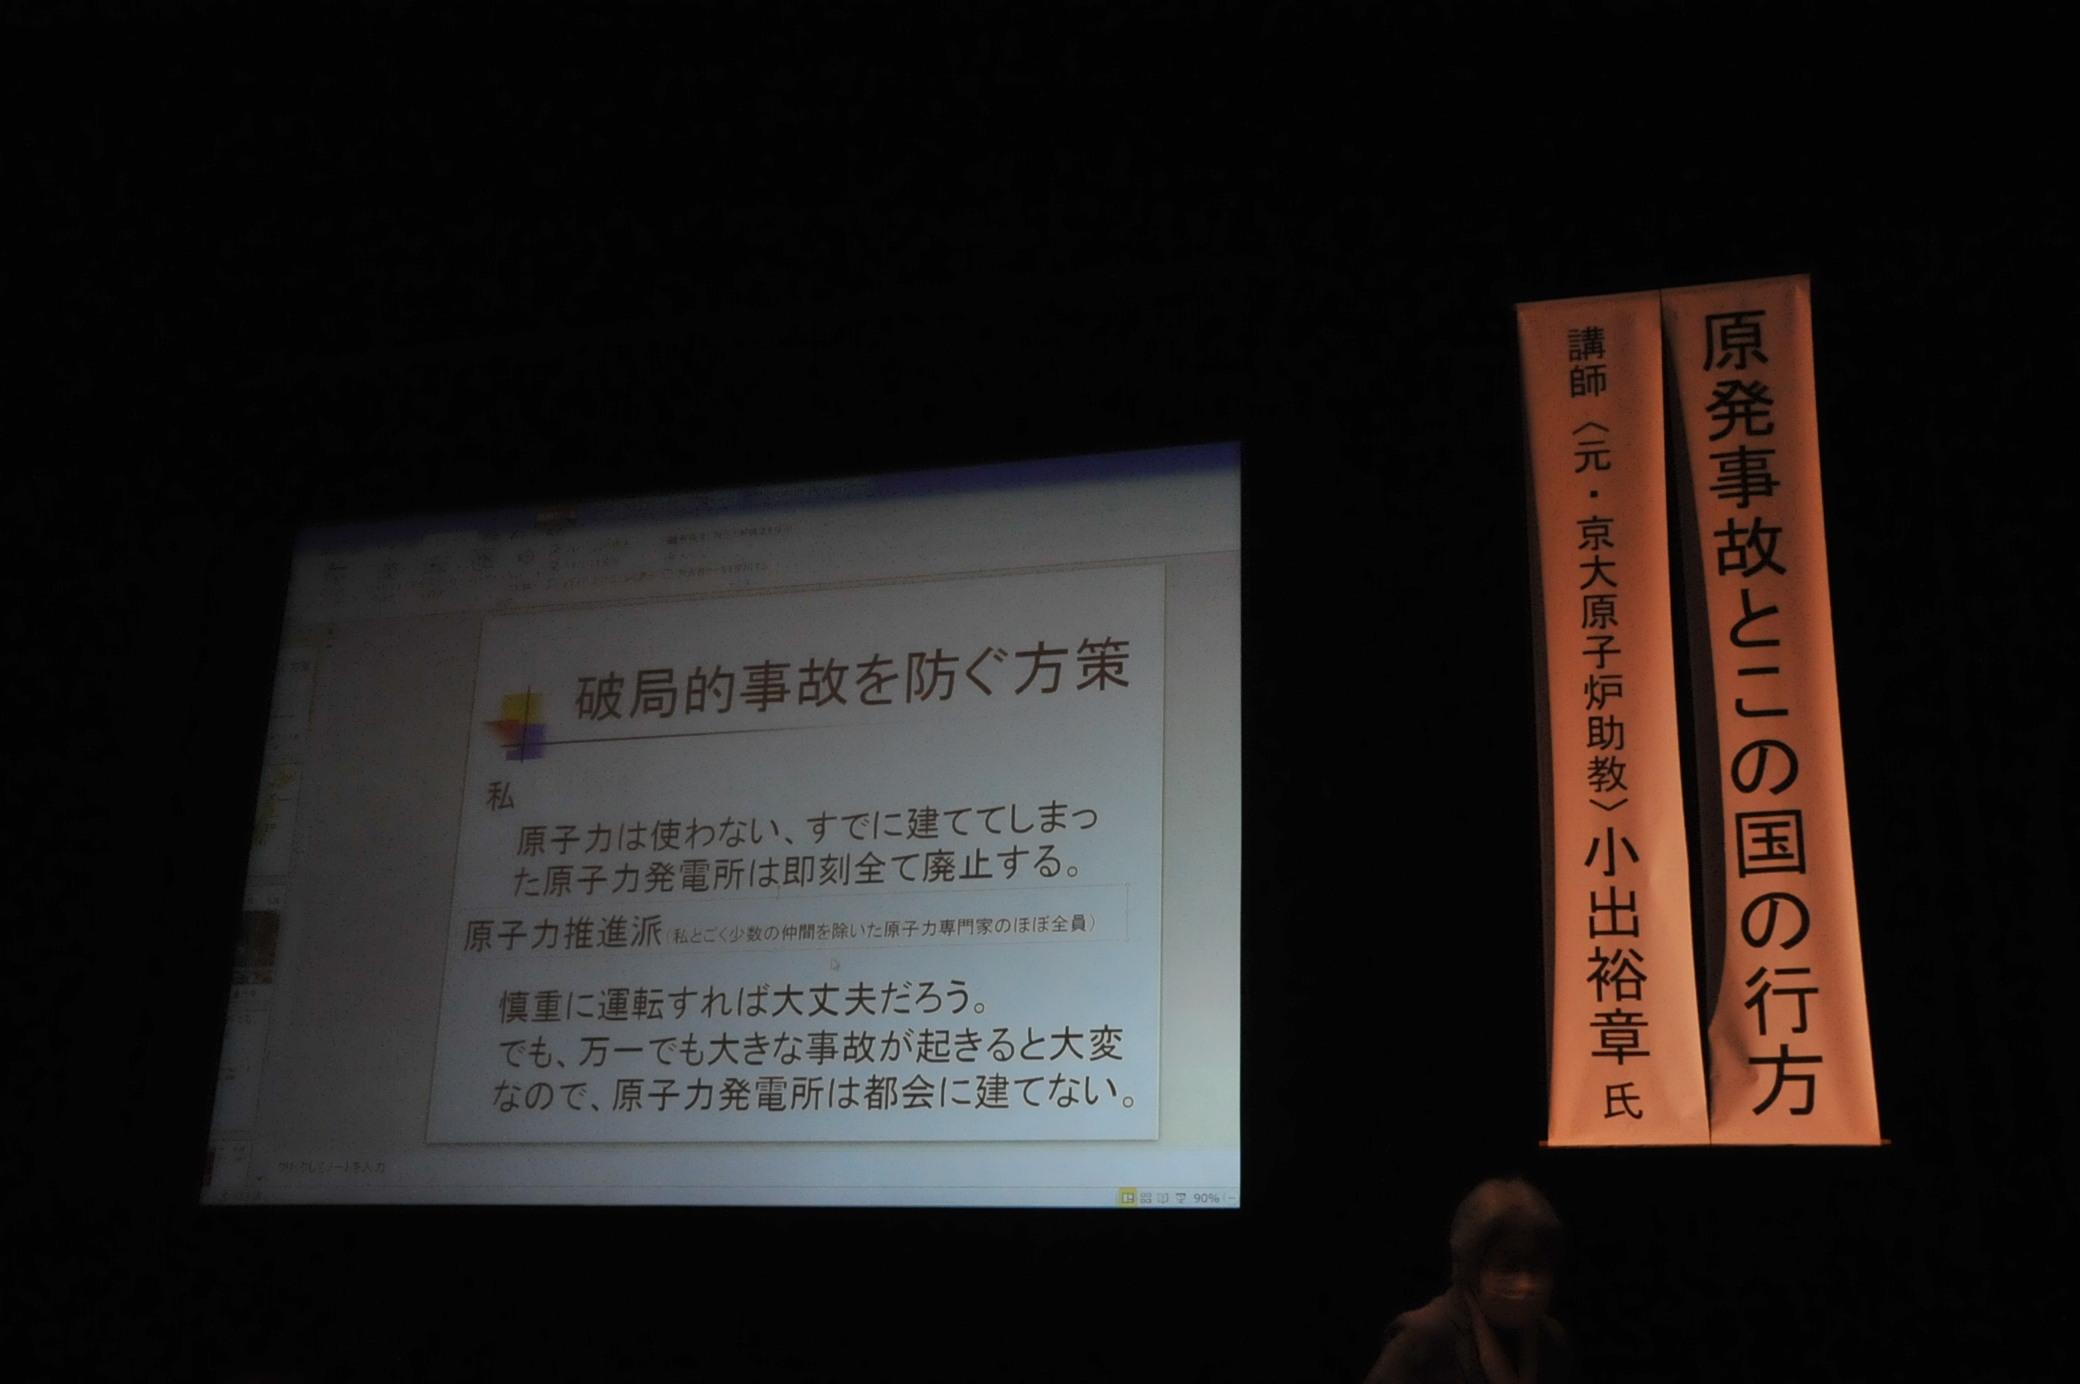 小出 裕章さん講演会 宮崎市 190524_a0043276_749368.jpg